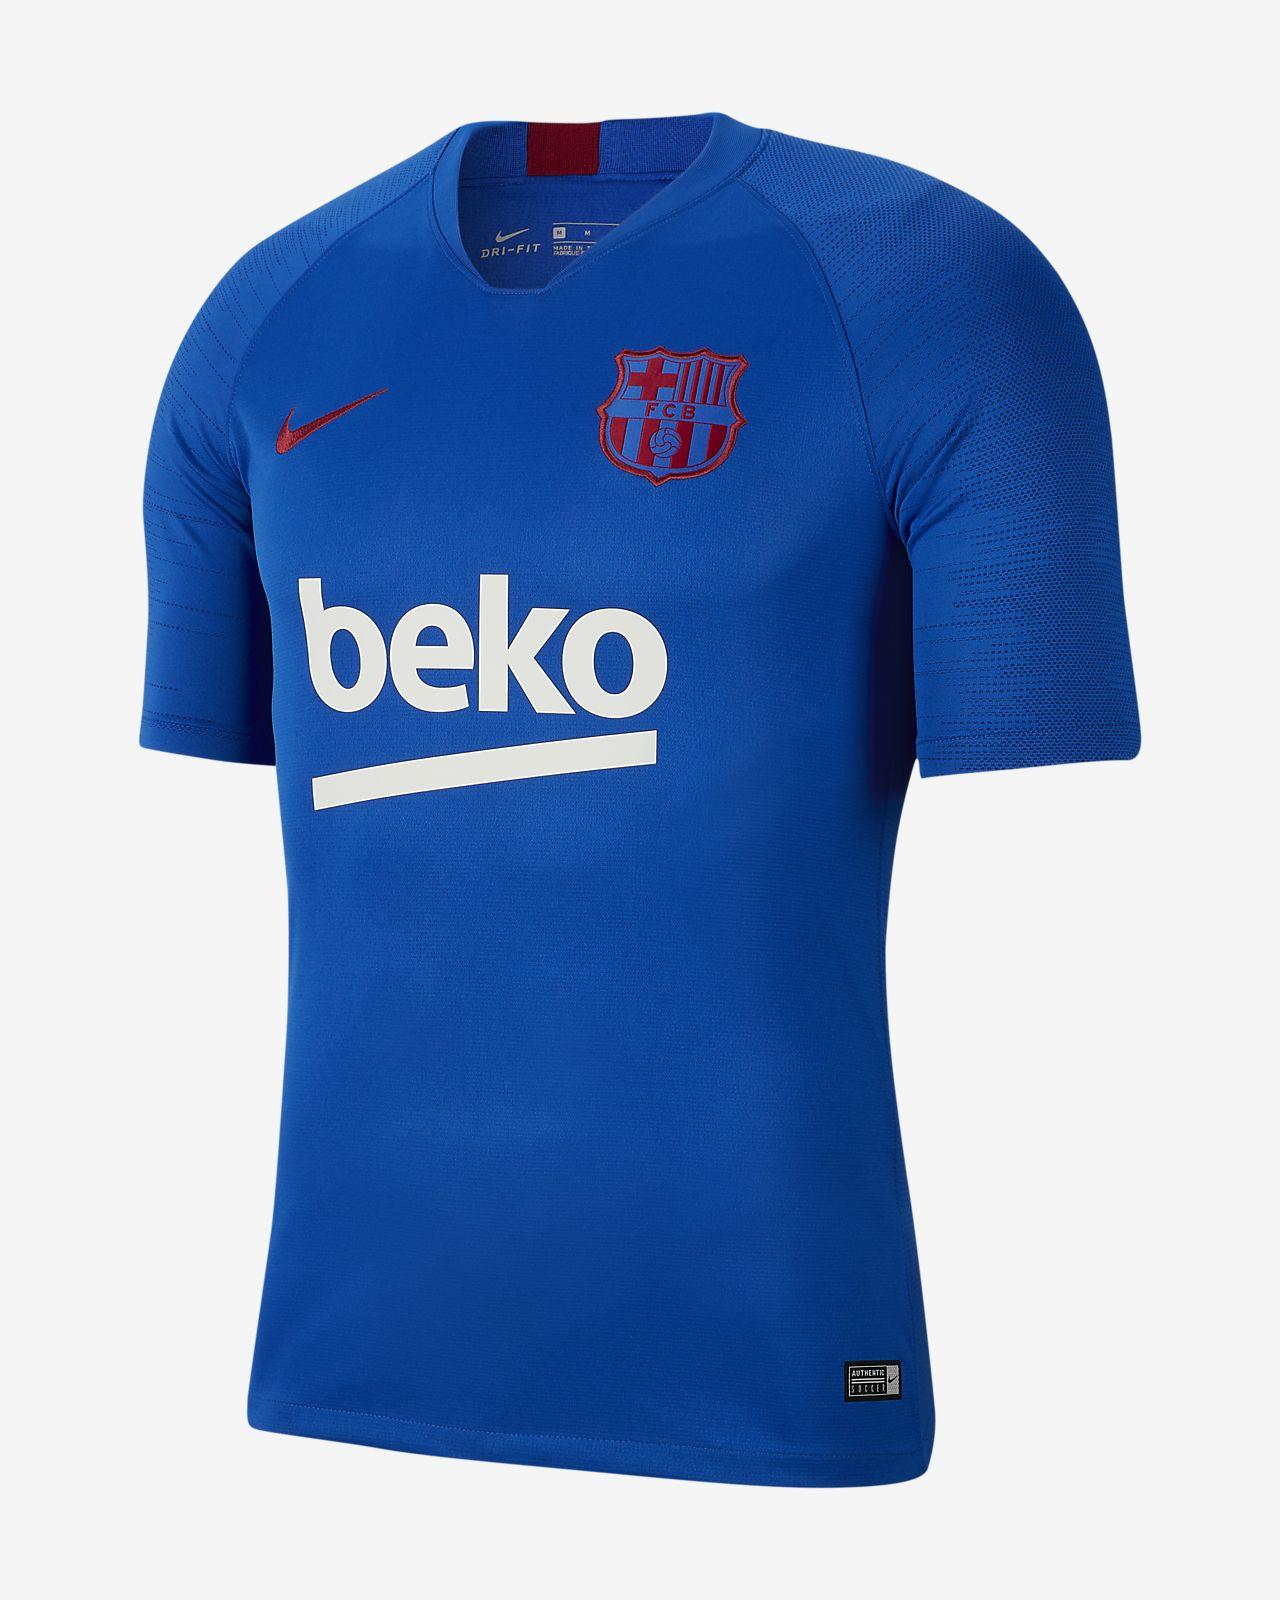 เสื้อฟุตบอลแขนสั้นผู้ชาย Nike Breathe FC Barcelona Strike